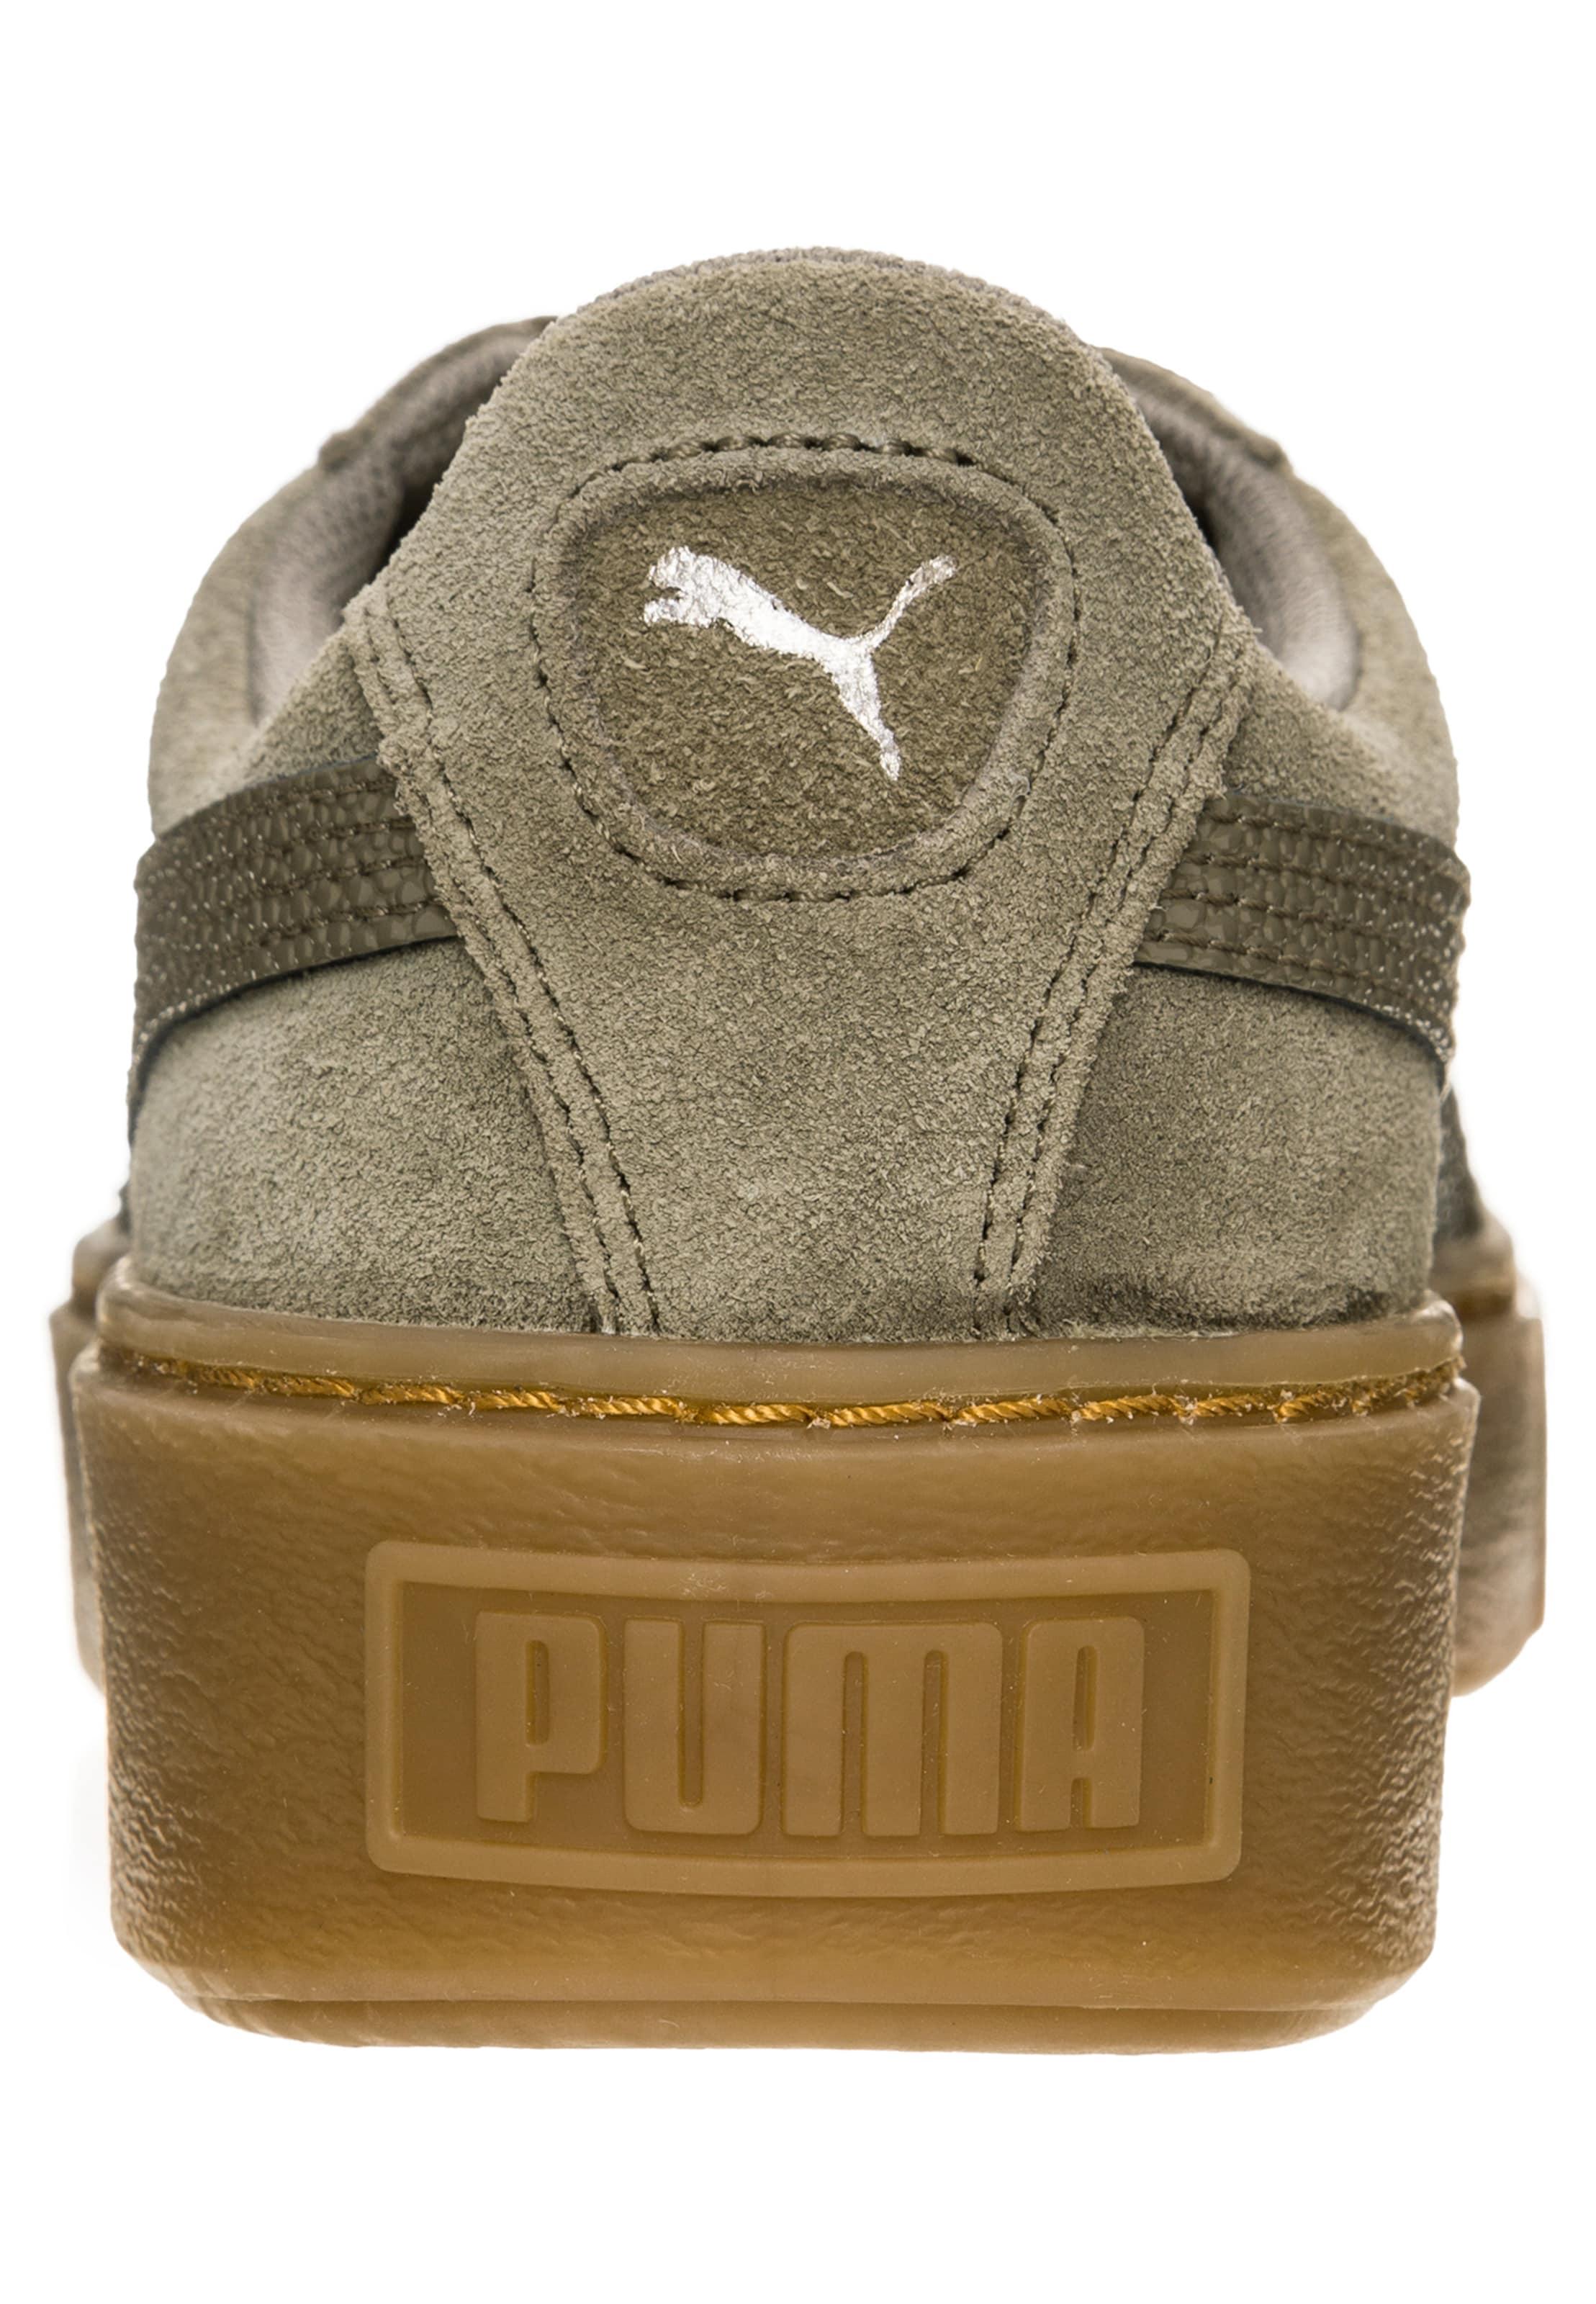 Billige Versorgung Rabatt Wählen Eine Beste PUMA 'Suede Platform Bubble' Sneaker Online-Shopping Zum Verkauf khTv2RAl